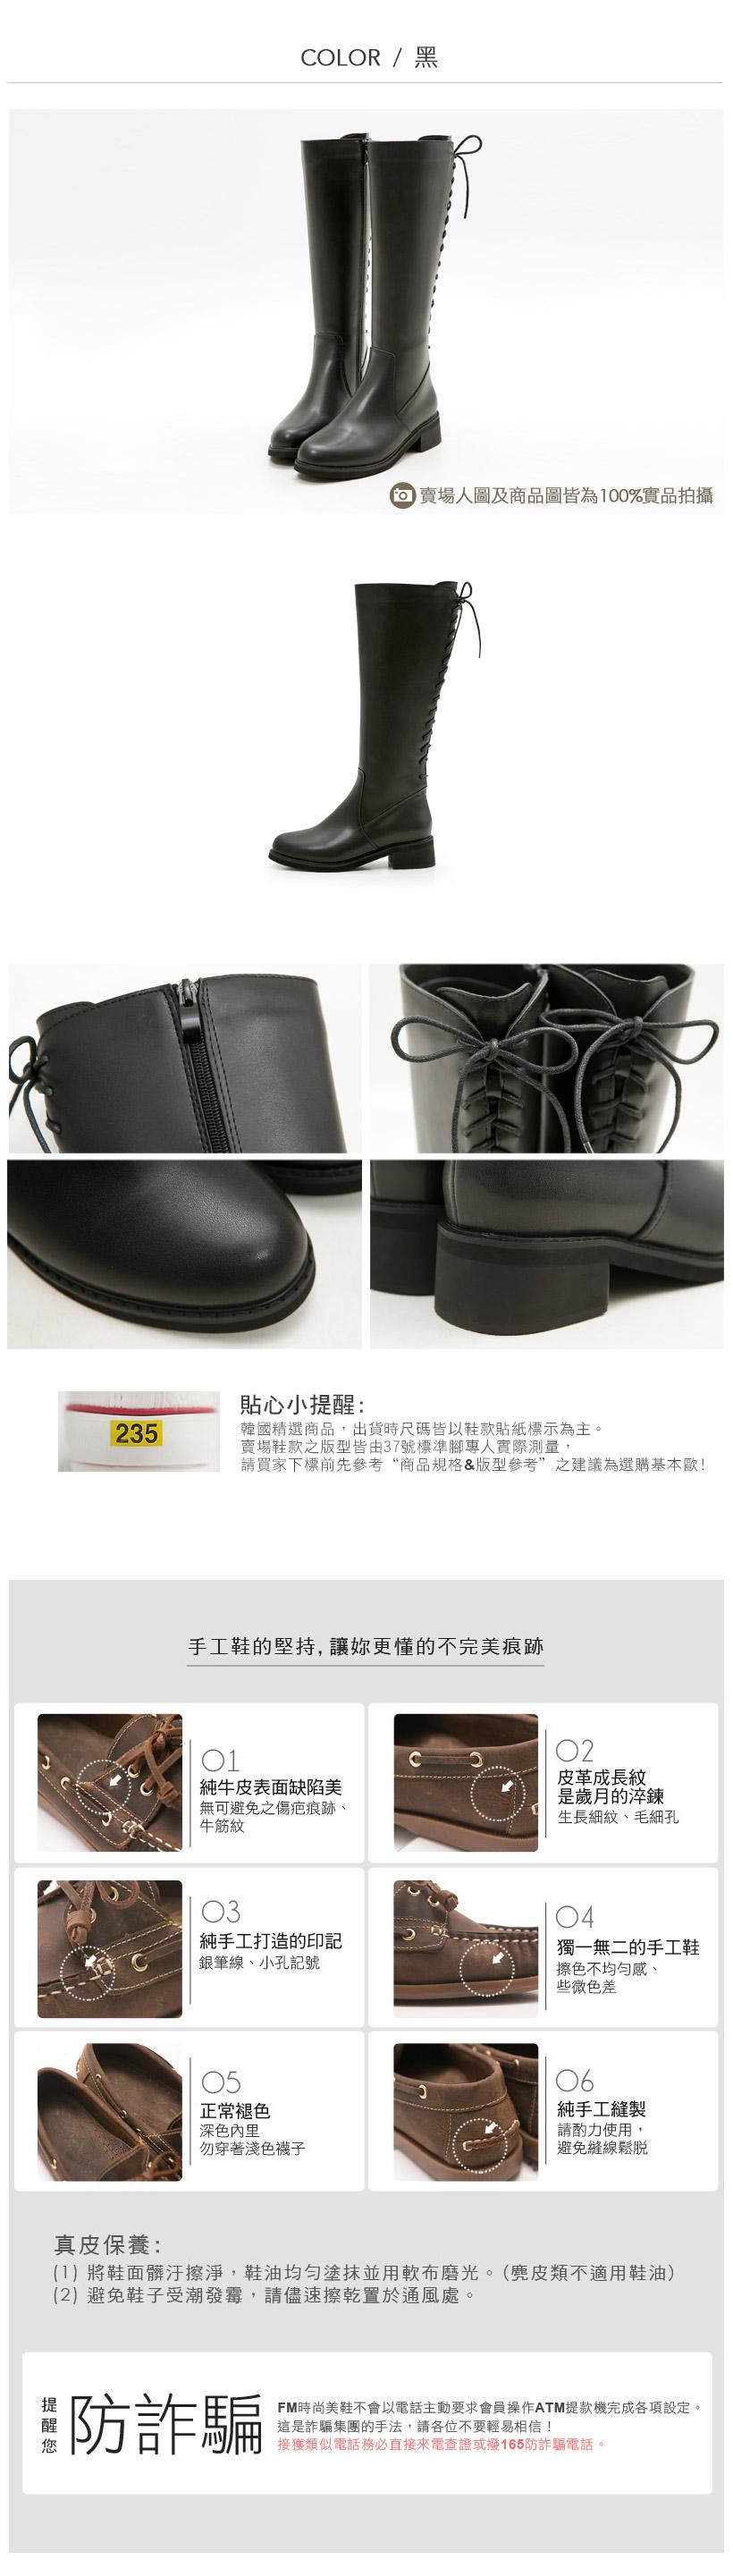 韓-防潑水內磨毛後馬甲長靴-大尺碼(限宅配)